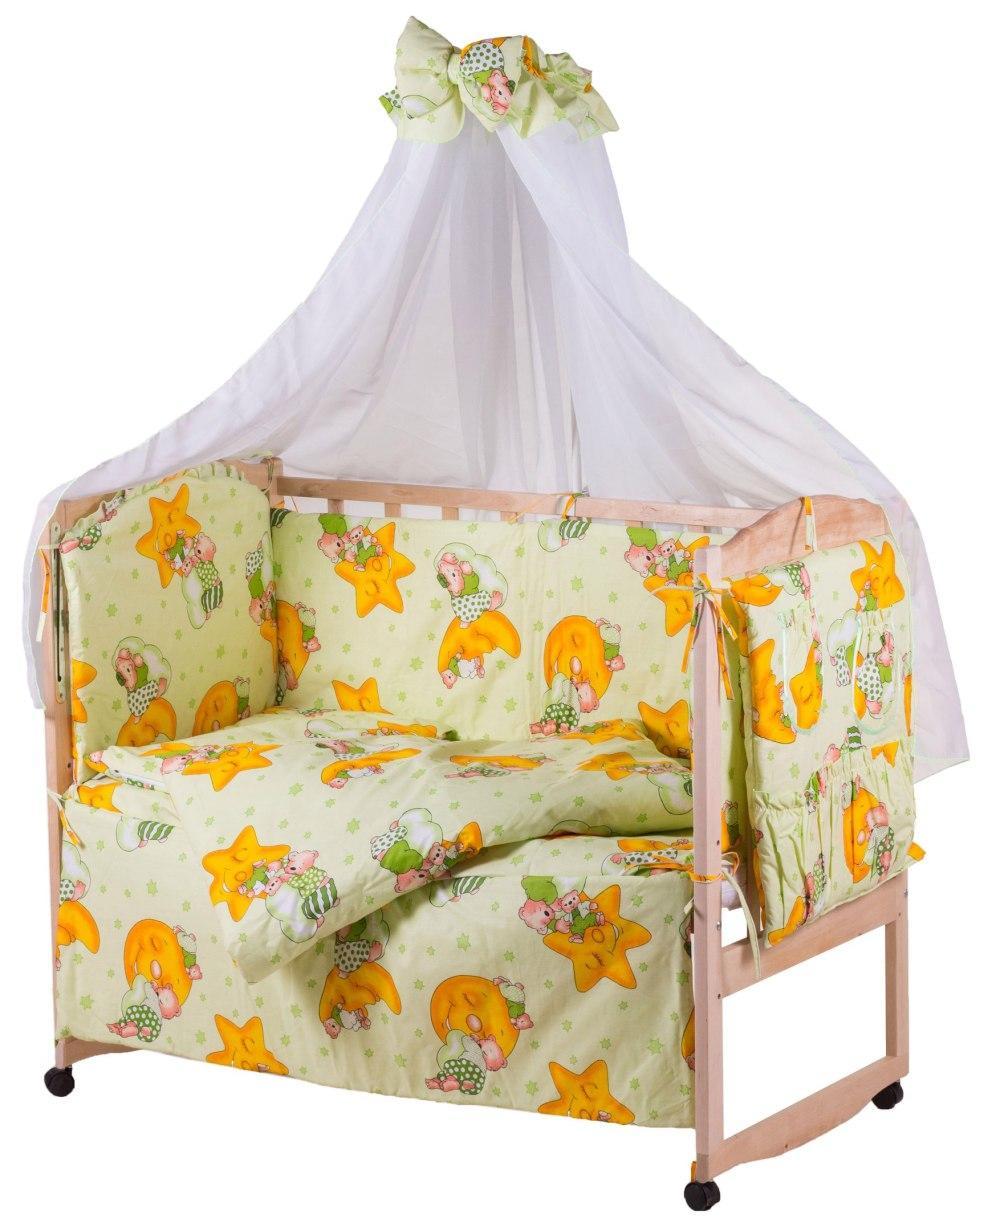 Детская постель Qvatro Gold RG-08 рисунок  салатовая (мишки спят, месяц)